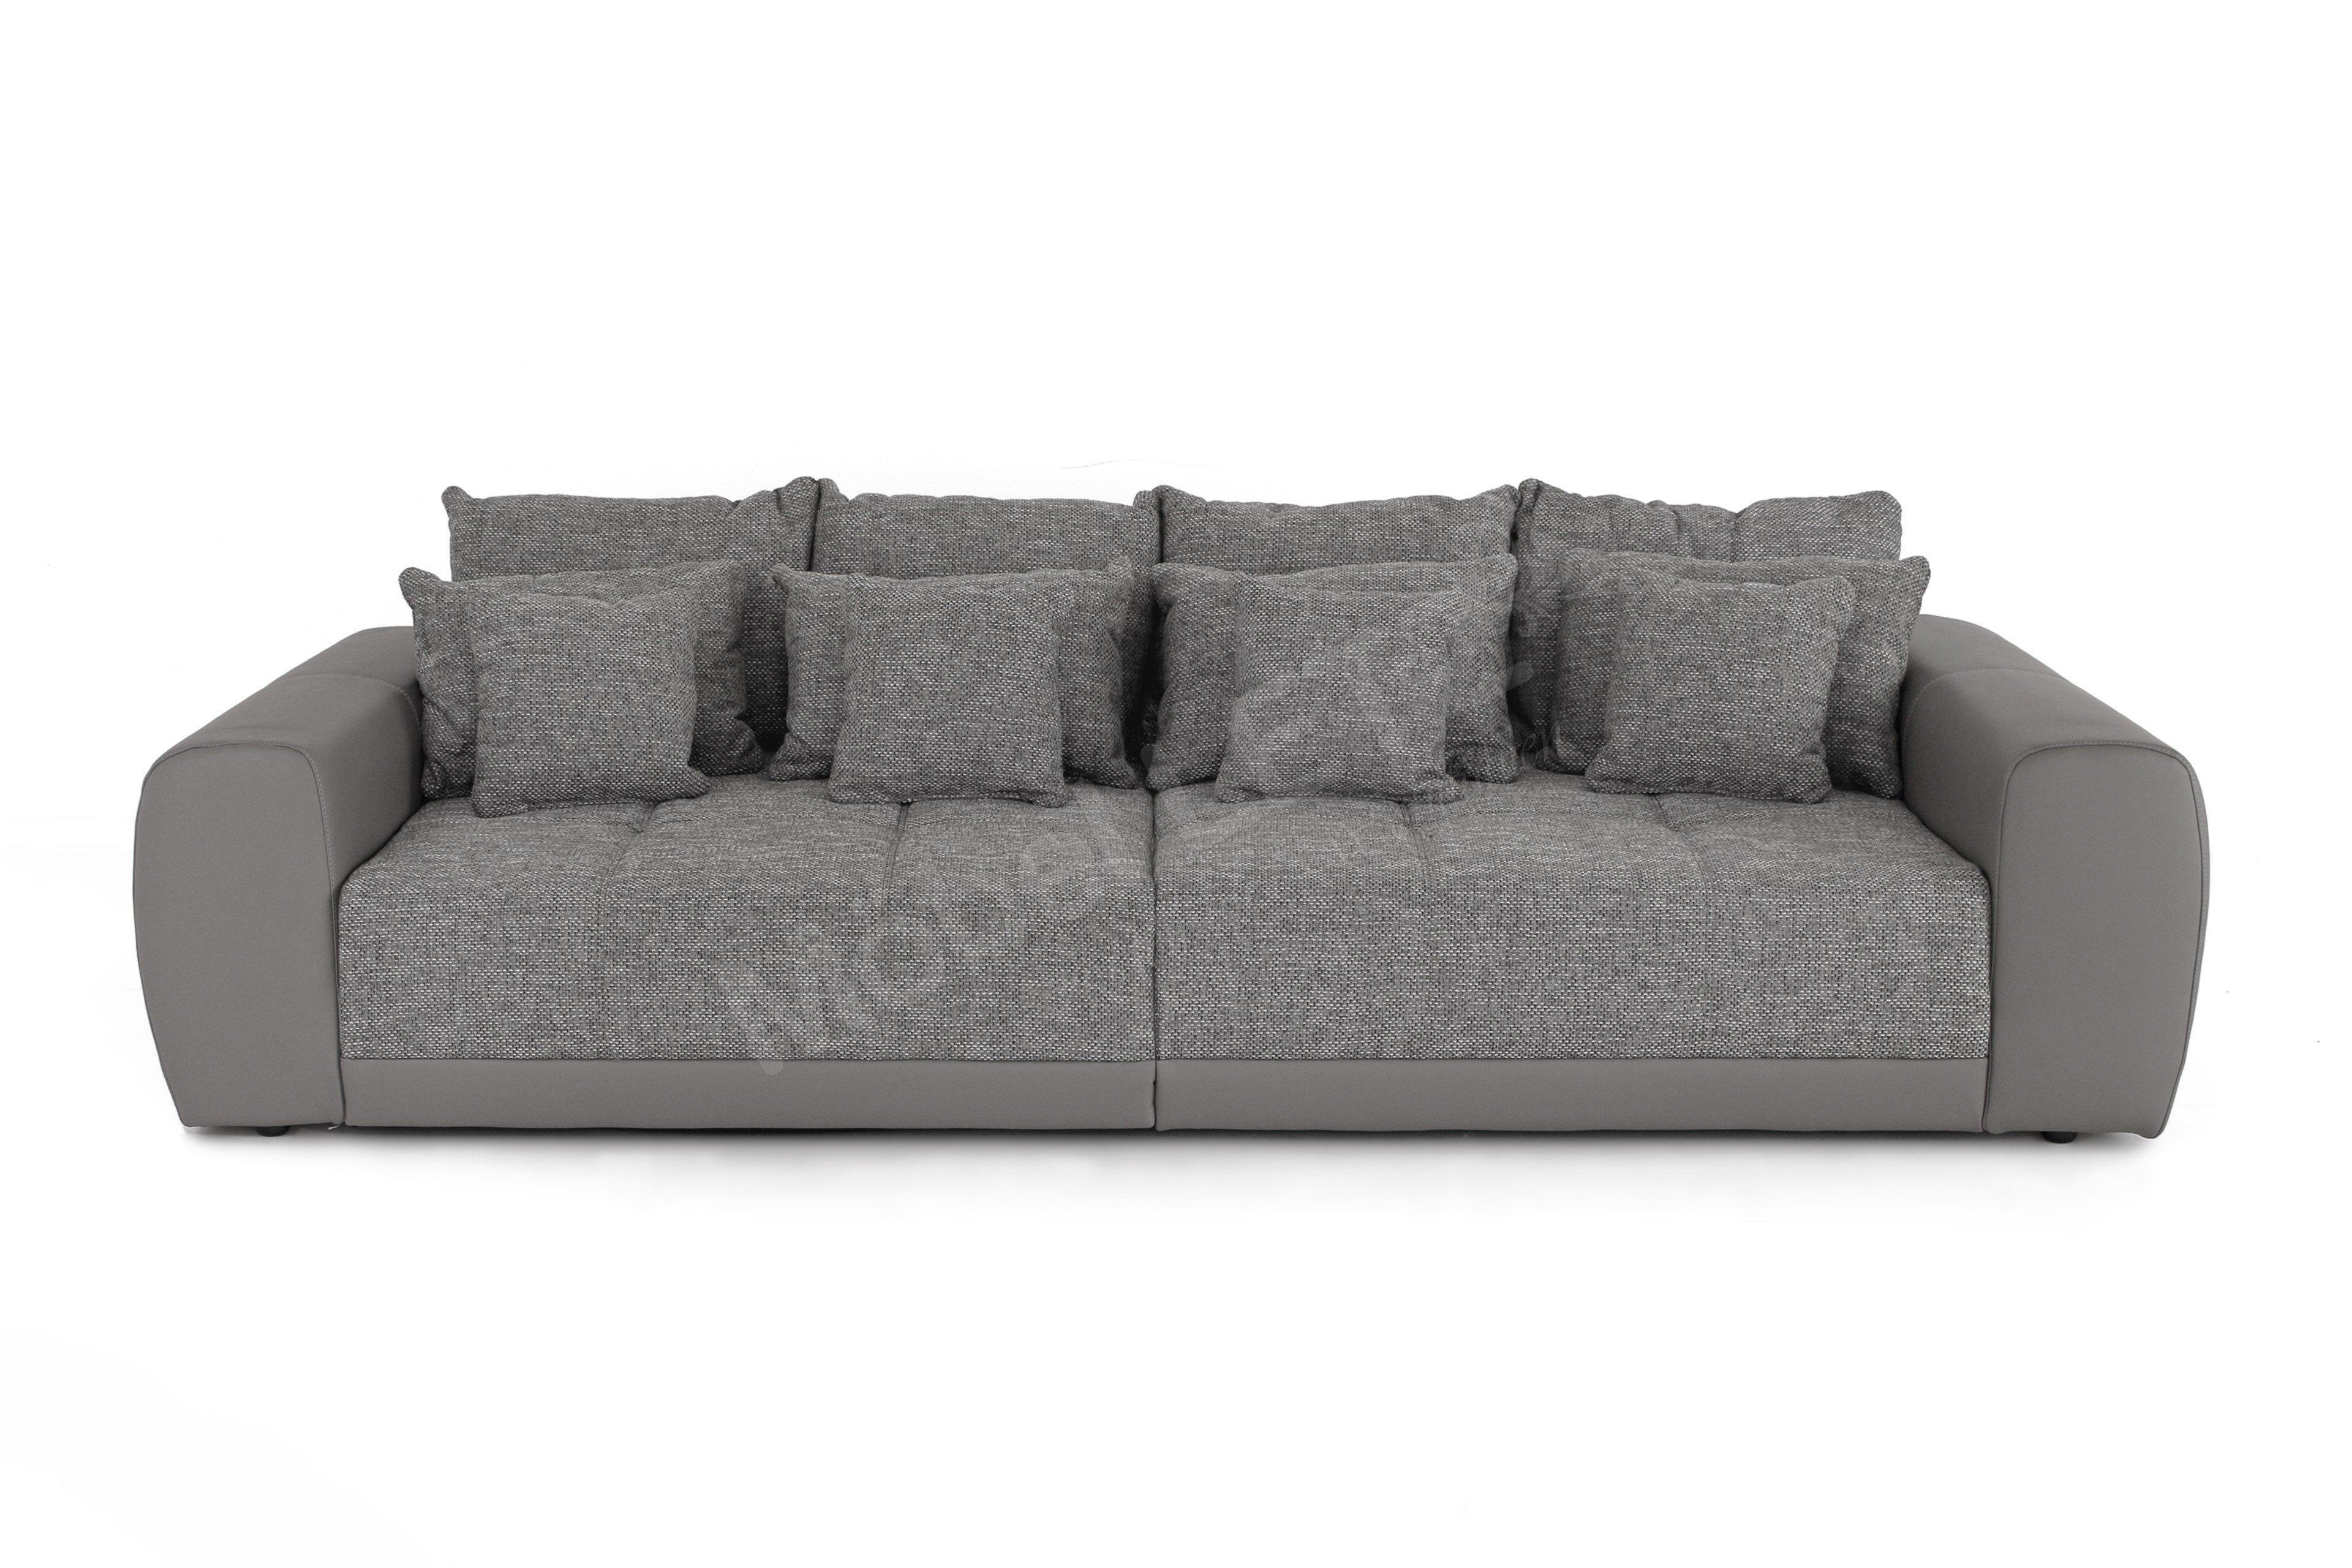 Schön Big Sofa Microfaser Foto Von Natascha Aus Der Kollektion Letz Grau With